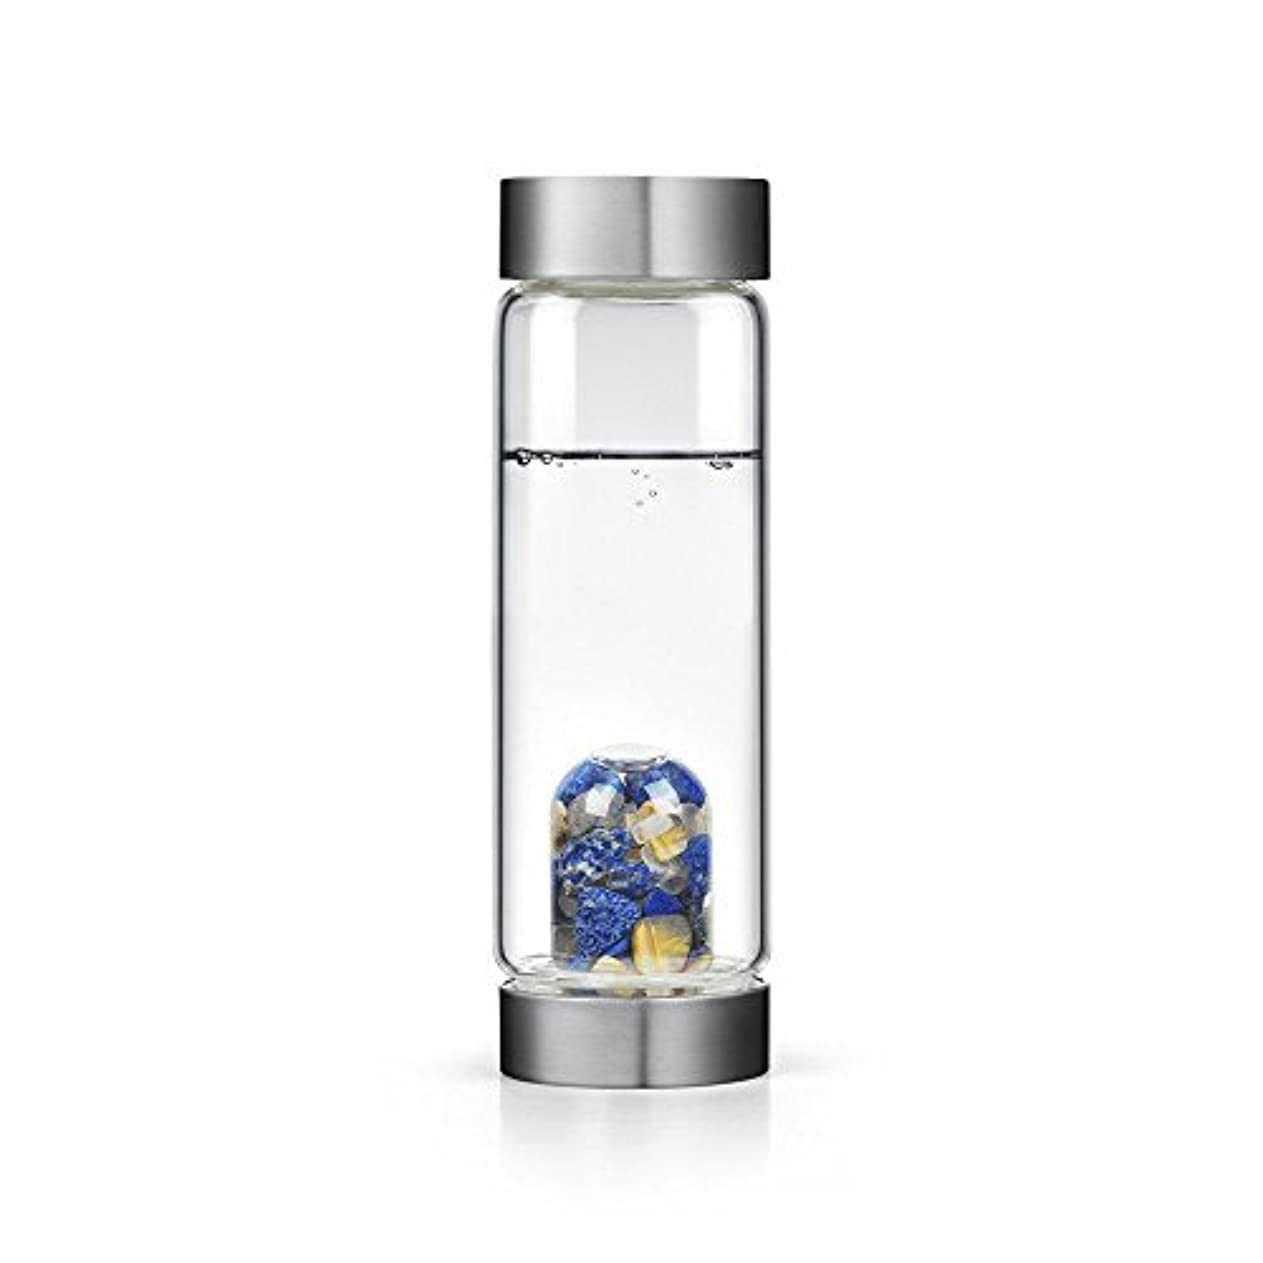 安定した涙が出るホステスインスピレーションgem-waterボトルby VitaJuwel W / Freeカリフォルニアホワイトセージバンドル 16.9 fl oz